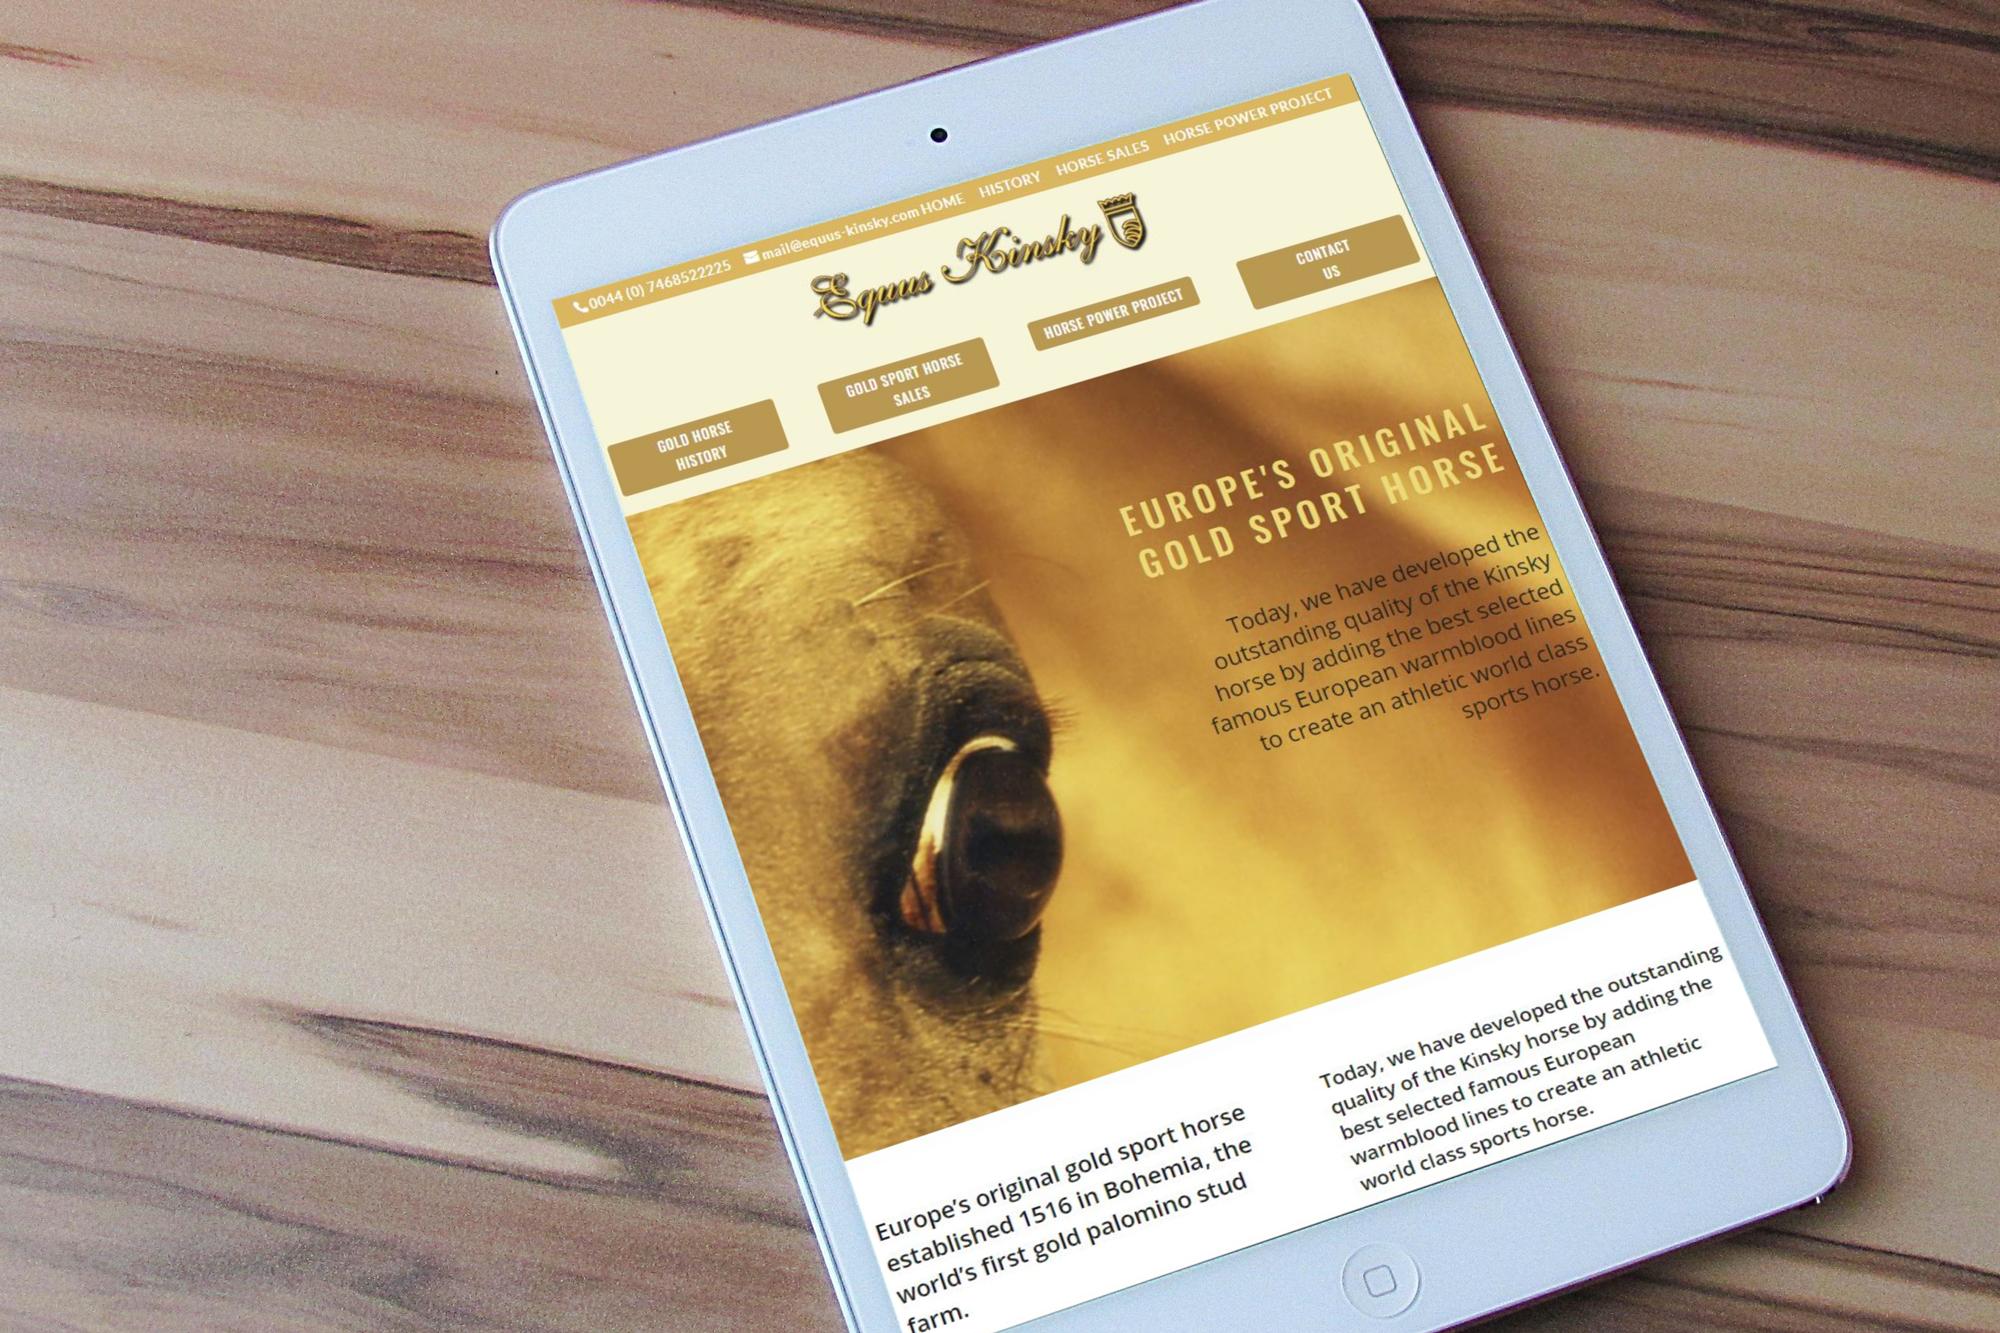 Equus Kinsky website displayed on a tablet